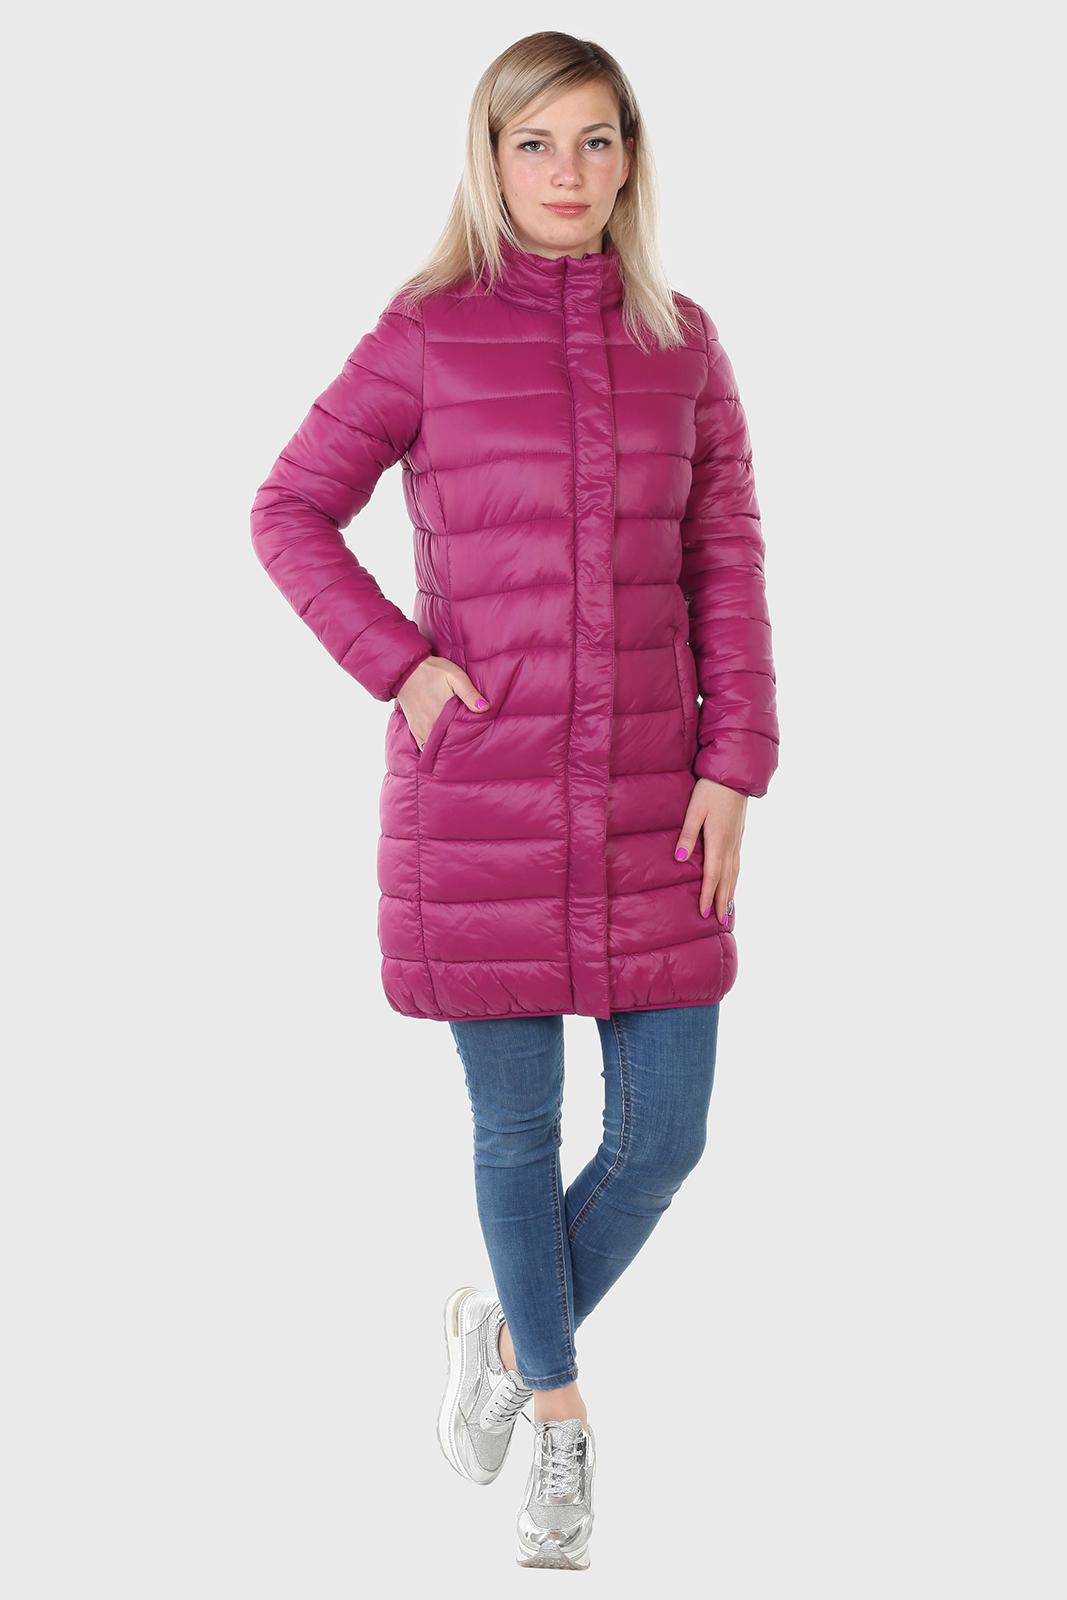 Купить в интернет магазине удлиненную женскую куртку